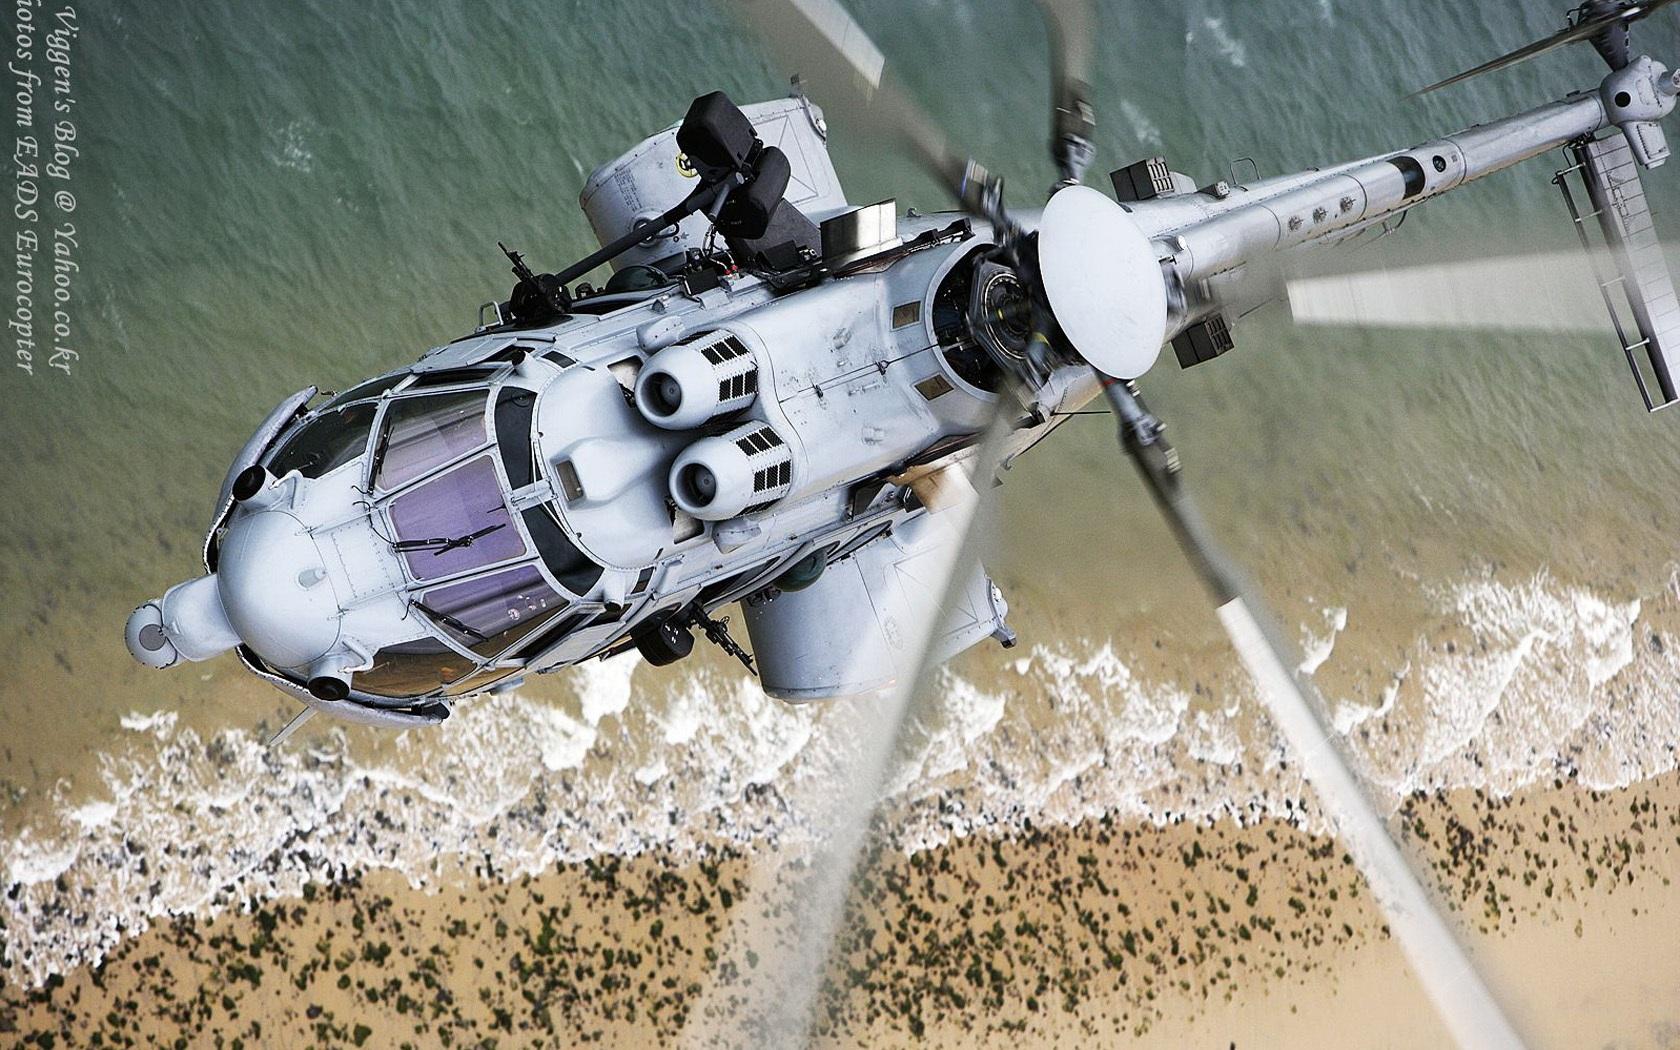 المغرب سوف يستقبل 10 مروحيات من نوع EC 725 Eurocopter-EC-725-helicopter-blades-flight_1680x1050